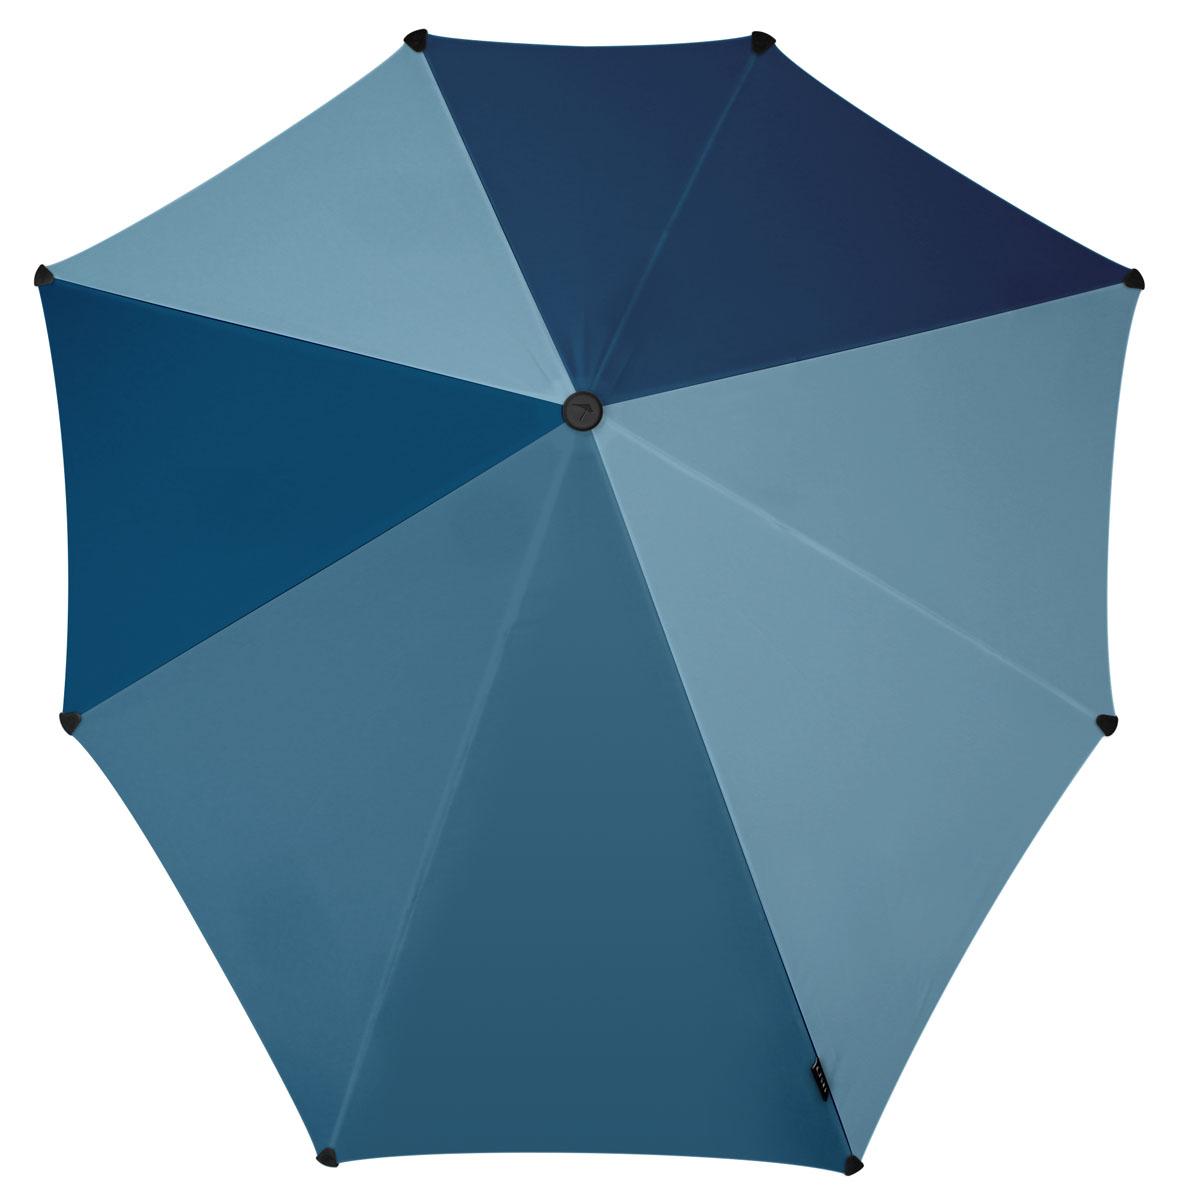 Зонт-трость Senz, цвет: темно-синий. 201108245100948B/32793/5900NИнновационный противоштормовый зонт, выдерживающий любую непогоду. Входит в коллекцию global playground, разработанную в соответствии с современными течениями fashion-индустрии. Вдохновением для дизайнеров стали улицы городов по всему земному шару. На новых принтах вы встретите уникальный микс всего, что мы открываем для себя во время путешествий: разнообразие оттенков, цветов, теней, линий и форм. Зонт Senz отлично дополнит образ, подчеркнет индивидуальность и вкус своего обладателя.Форма купола продумана так, что вы легко найдете самое удобное положение на ветру – без паники и без борьбы со стихией. Закрывает спину от дождя. Благодаря своей усовершенствованной конструкции, зонт не выворачивается наизнанку даже при сильном ветре. Модель Senz Original выдержала испытания в аэротрубе со скоростью ветра 100 км/ч. Характеристики:- тип — трость- выдерживает порывы ветра до 100 км/ч- УФ-защита 50+- удобная мягкая ручка- безопасные колпачки на кончиках спицах- в комплекте прочный чехол из плотной ткани с лямкой на плечо - гарантия 2 года